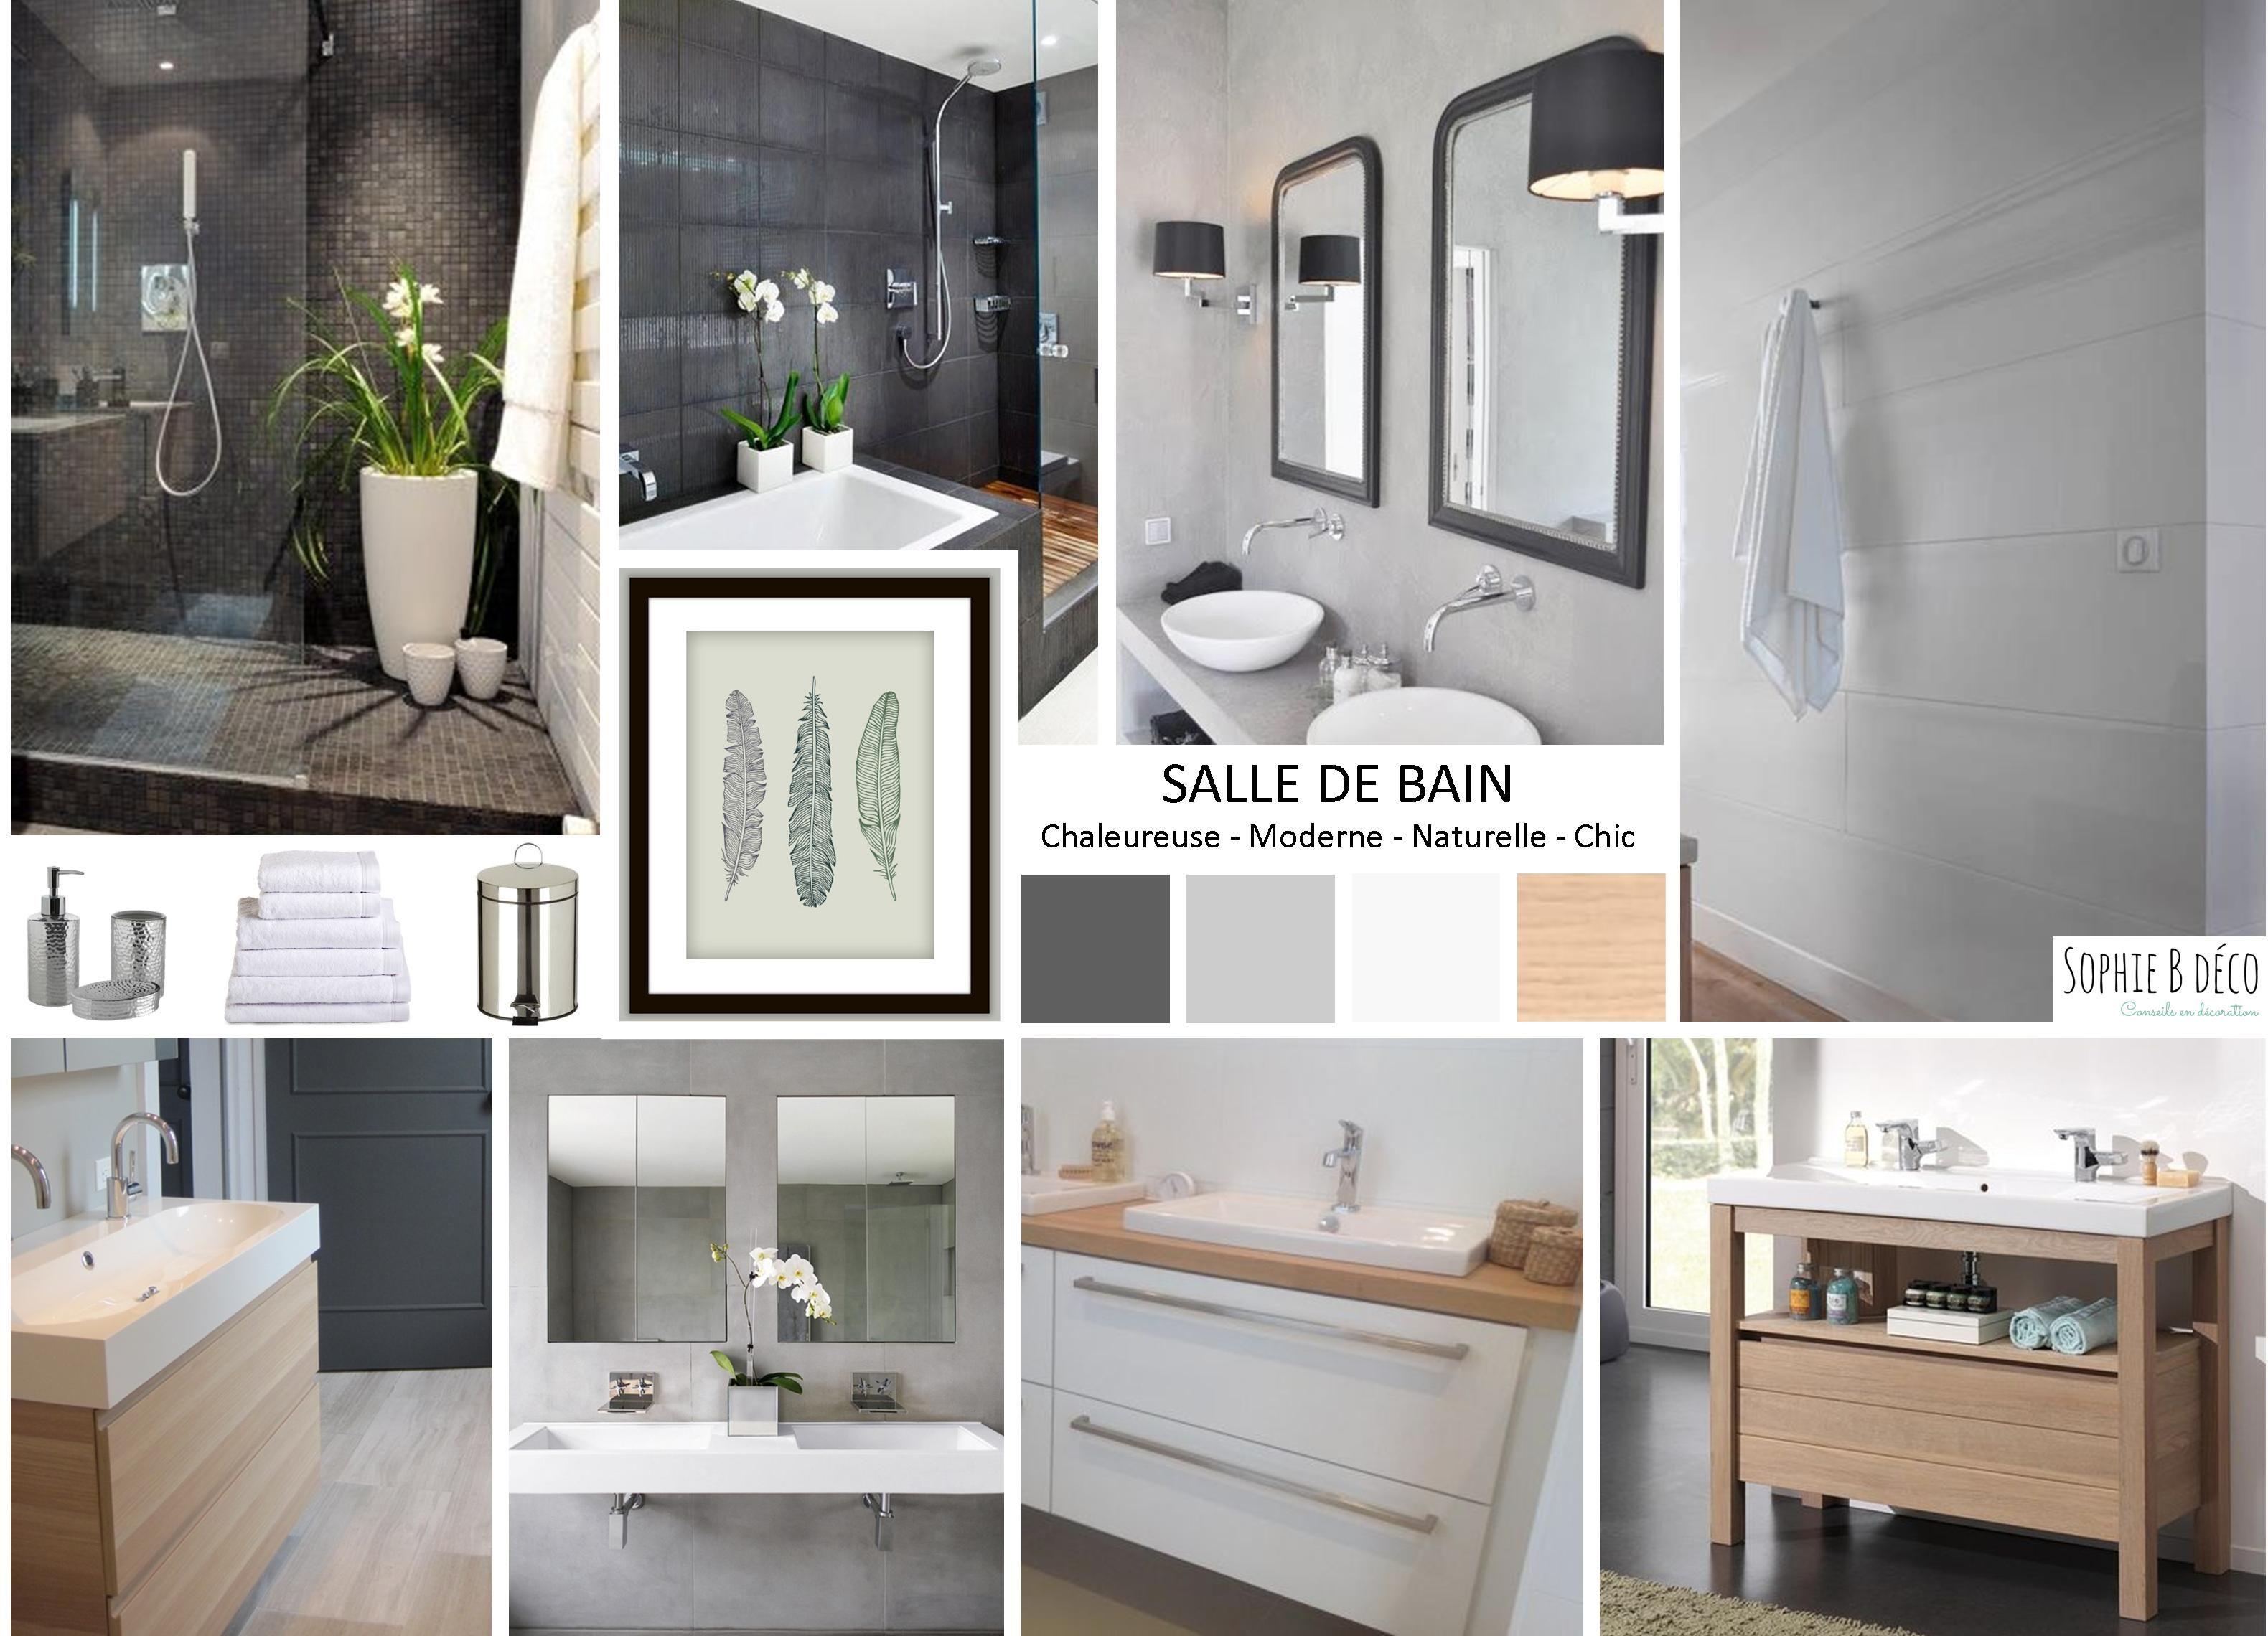 planche tendance salle de bain en gris blanc et bois sophie b d coratrice d 39 int rieur www. Black Bedroom Furniture Sets. Home Design Ideas